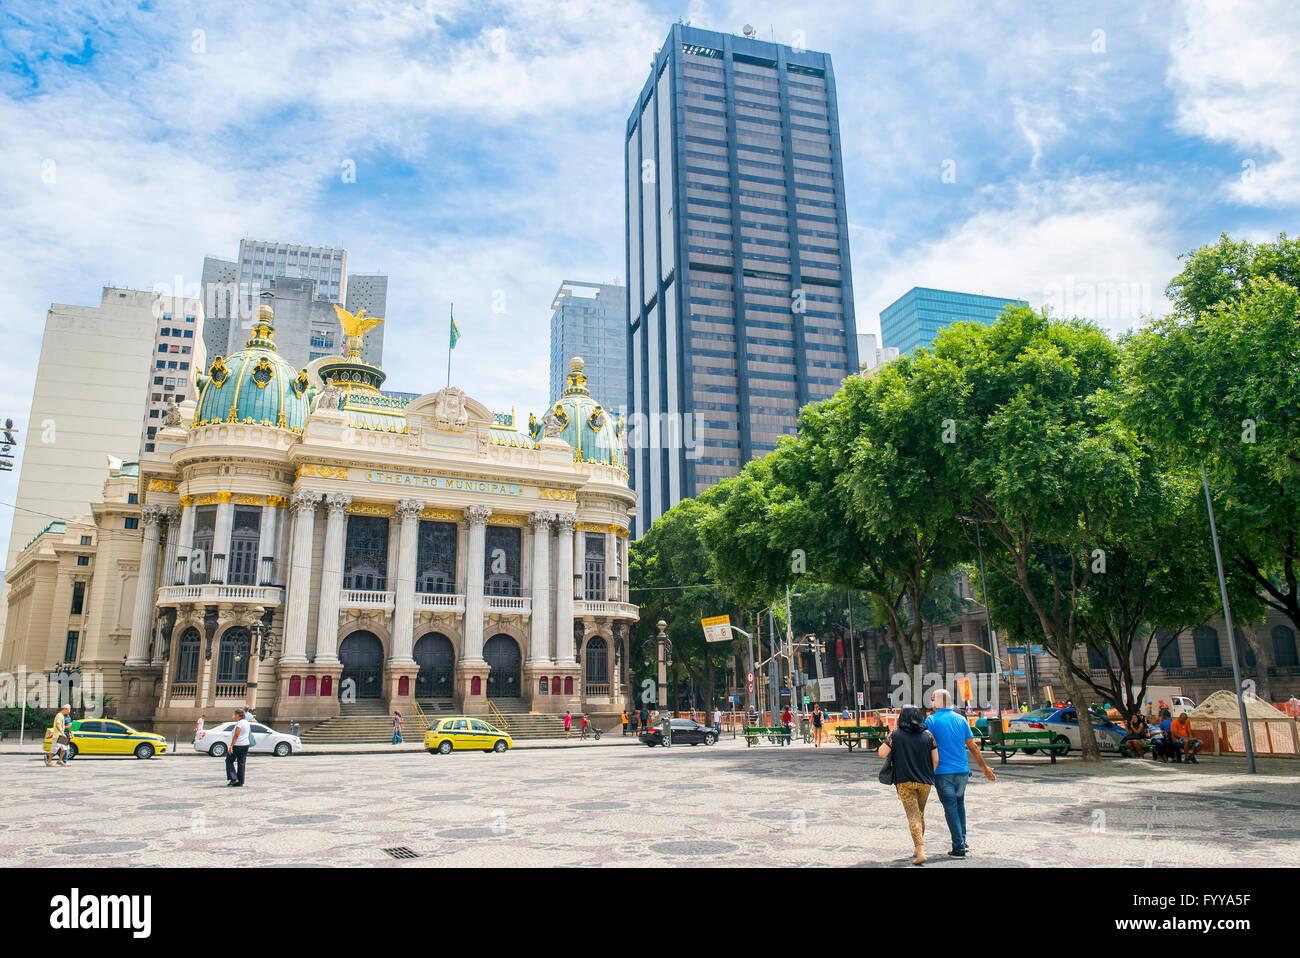 RIO DE JANEIRO - FEBRUARY 26, 2016: Pedestrians and traffic pass the Municipal Theatre, built in an Art Nouveau Stock Photo